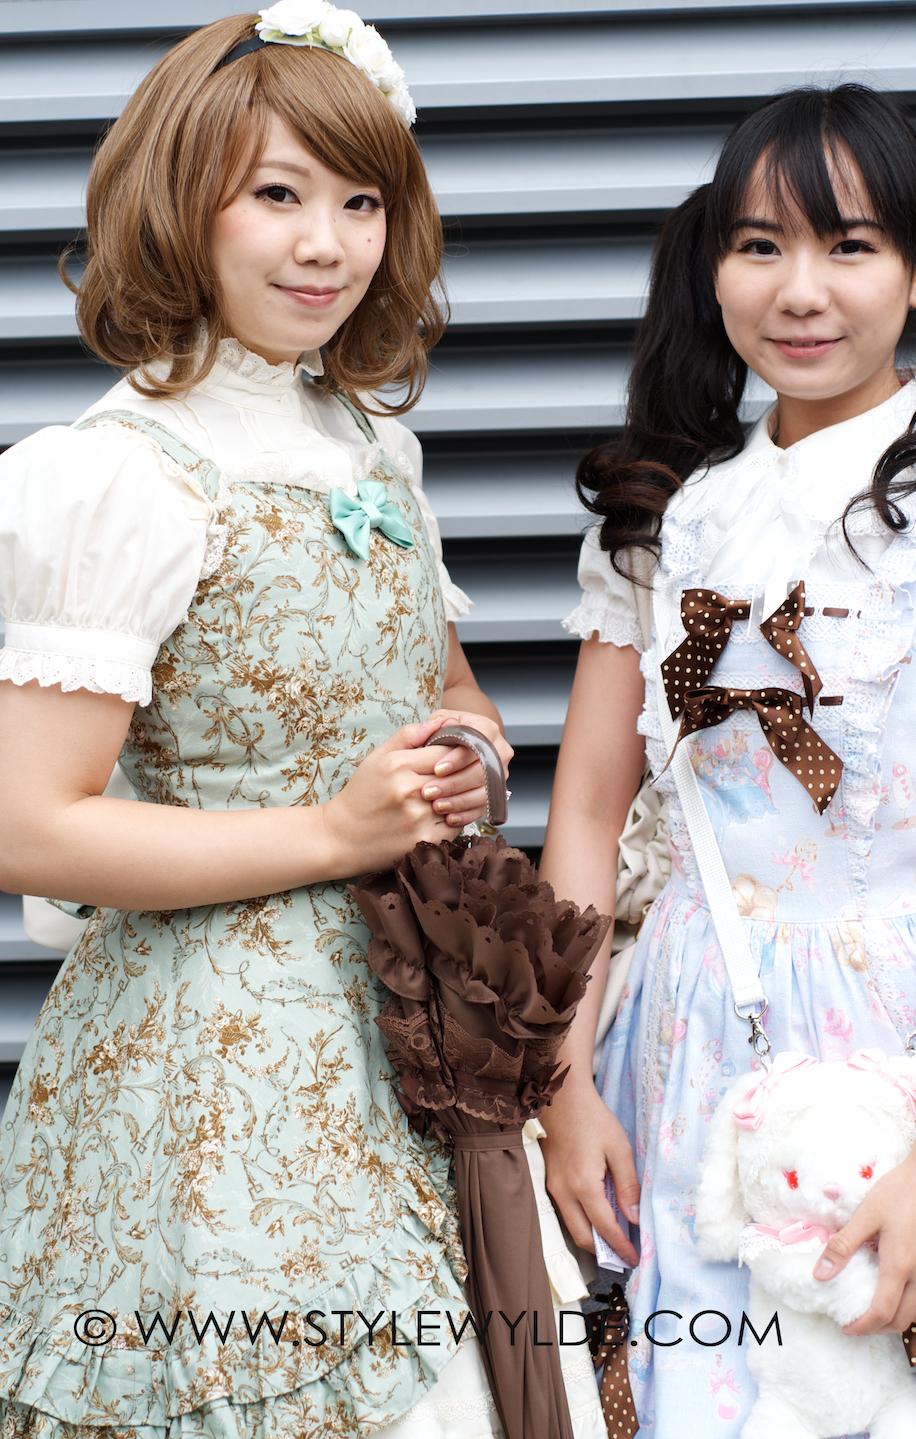 Stylewylde_Shoppers_July27.jpg